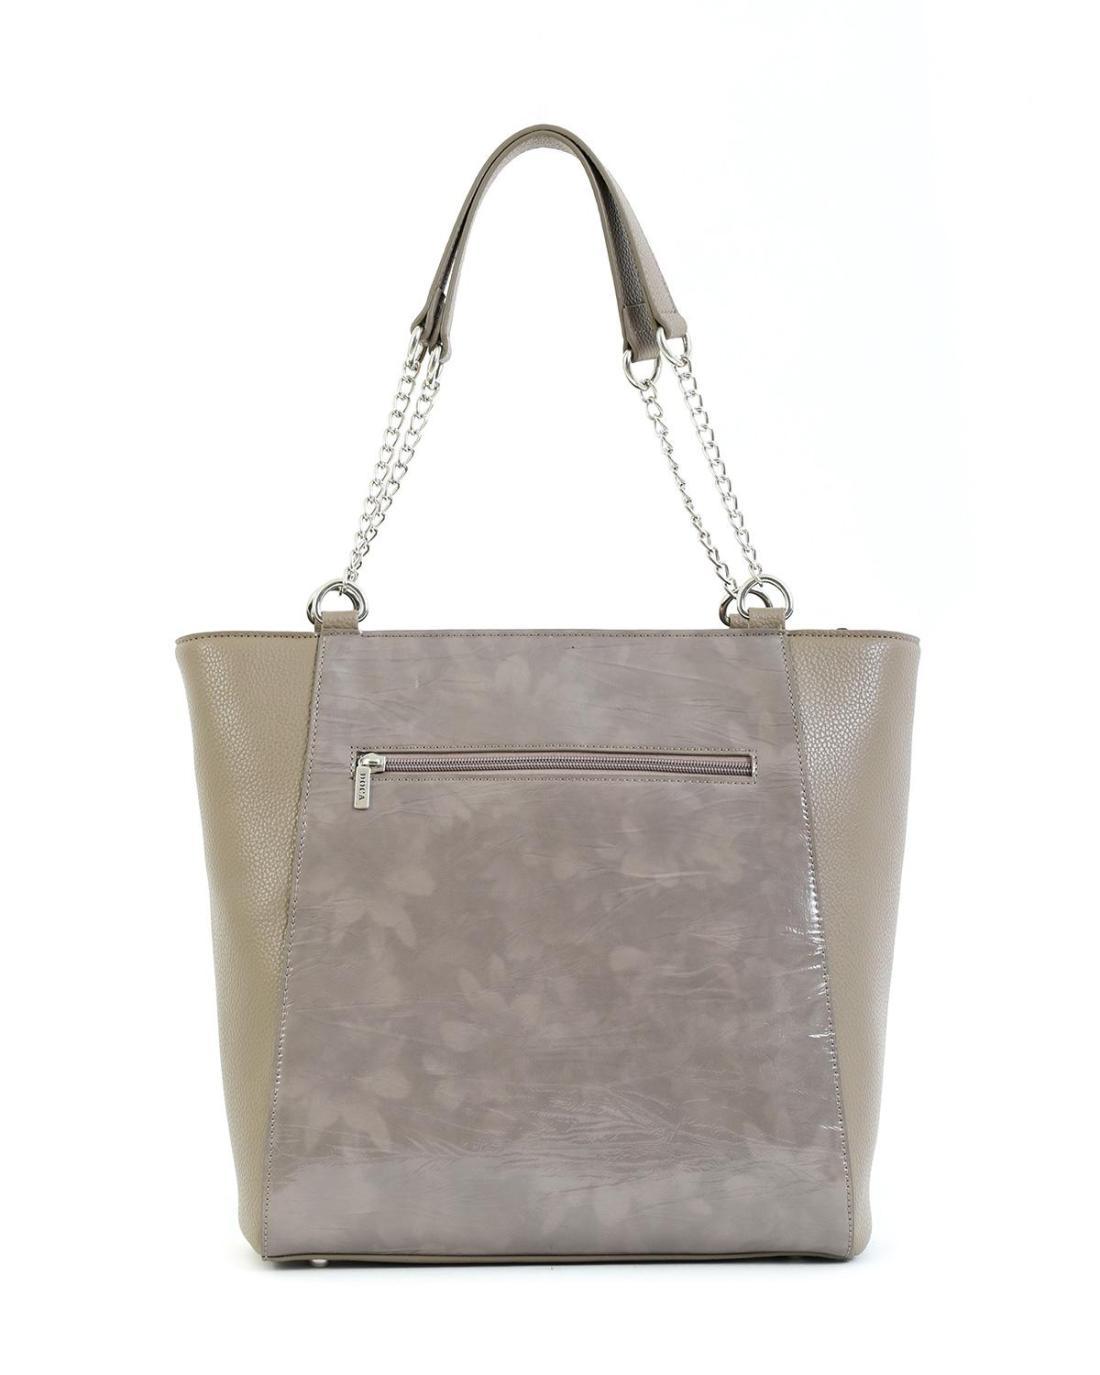 Καθημερινή τσάντα γκρι